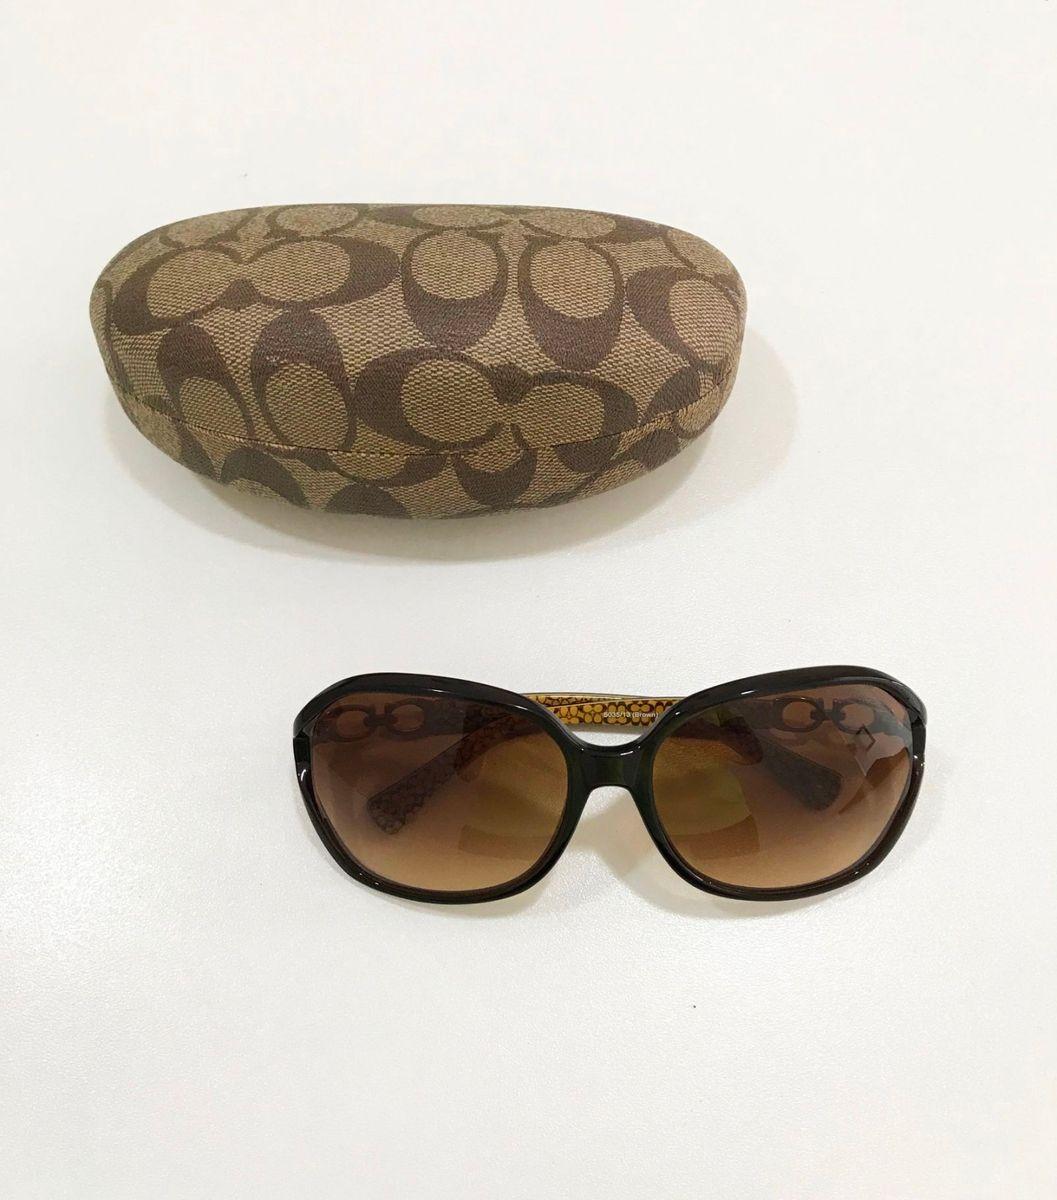 a4de81df854f0 óculos de sol coach original - óculos coach.  Czm6ly9wag90b3muzw5qb2vplmnvbs5ici9wcm9kdwn0cy83otk1nde5l2u0zjywmzk5nmeyntc5yjdinjkzmwezztcwnwexymjllmpwzw  ...